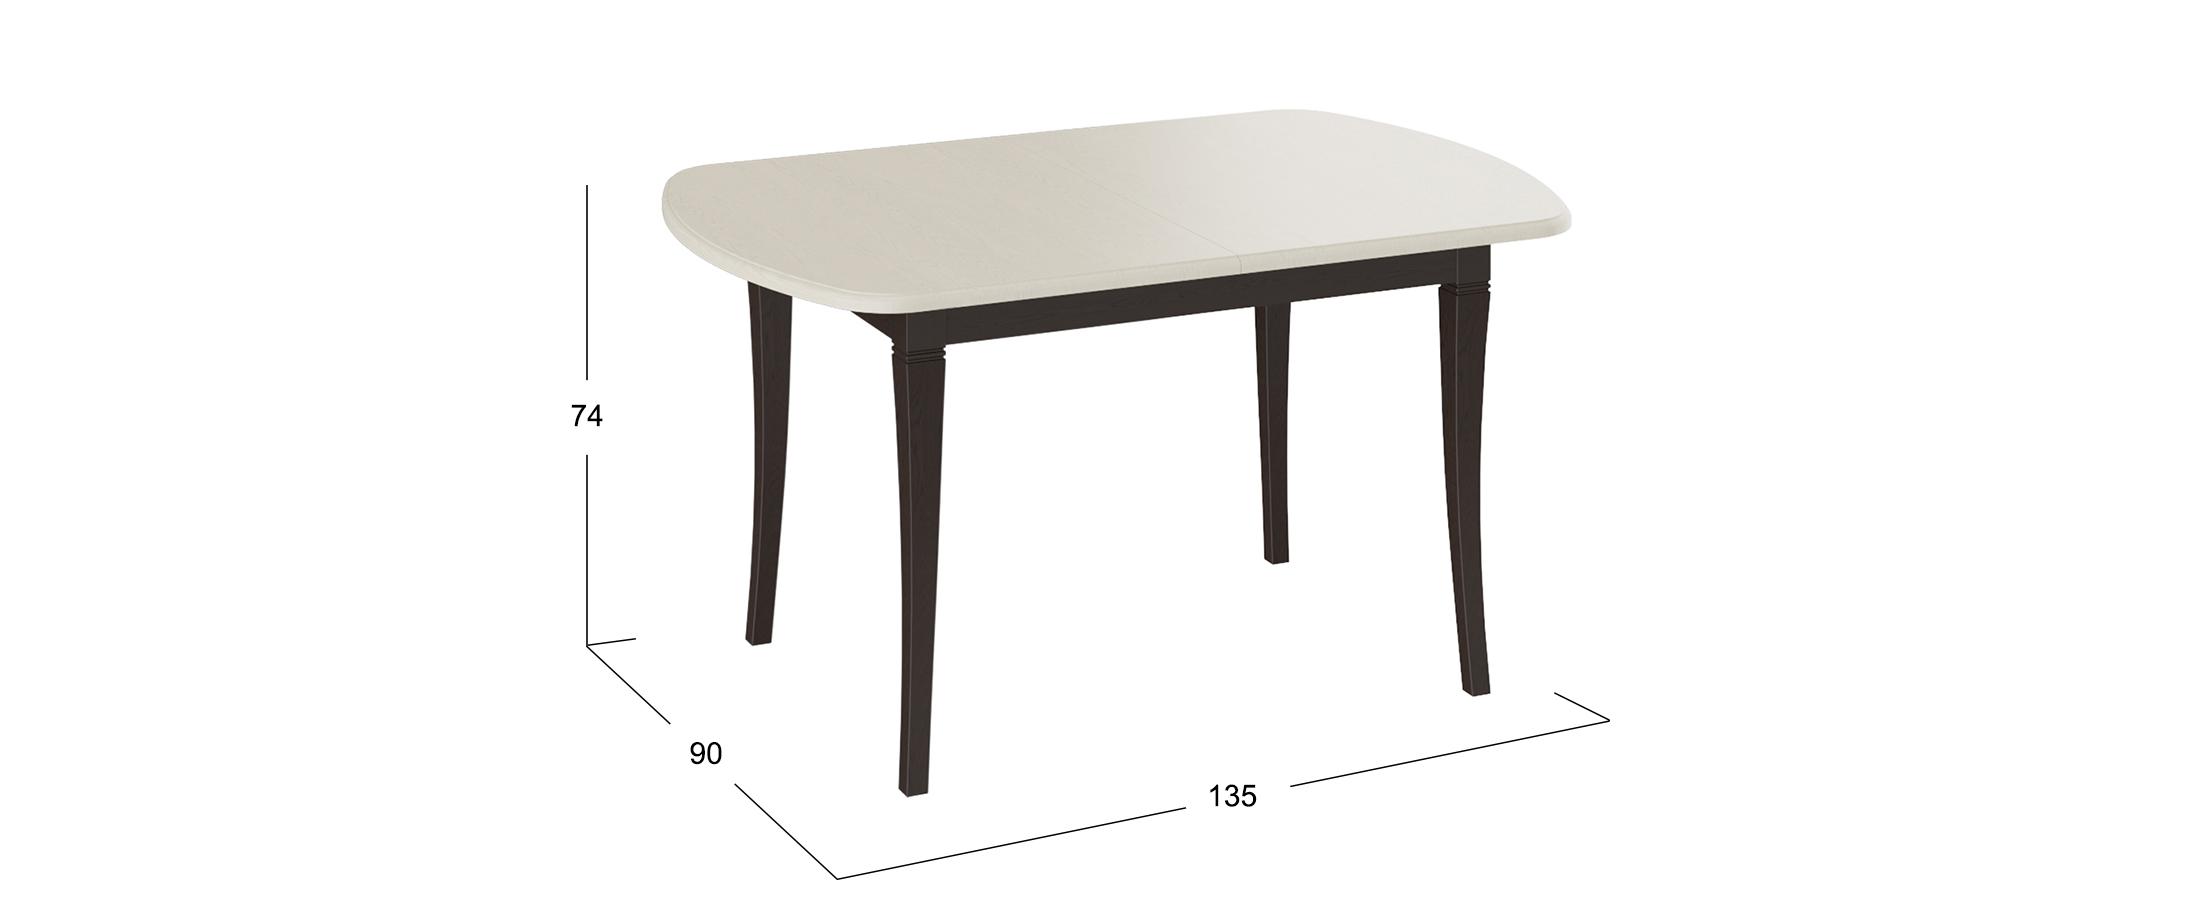 Стол обеденный Альт 135*90 Темный орех/Слоновая кость